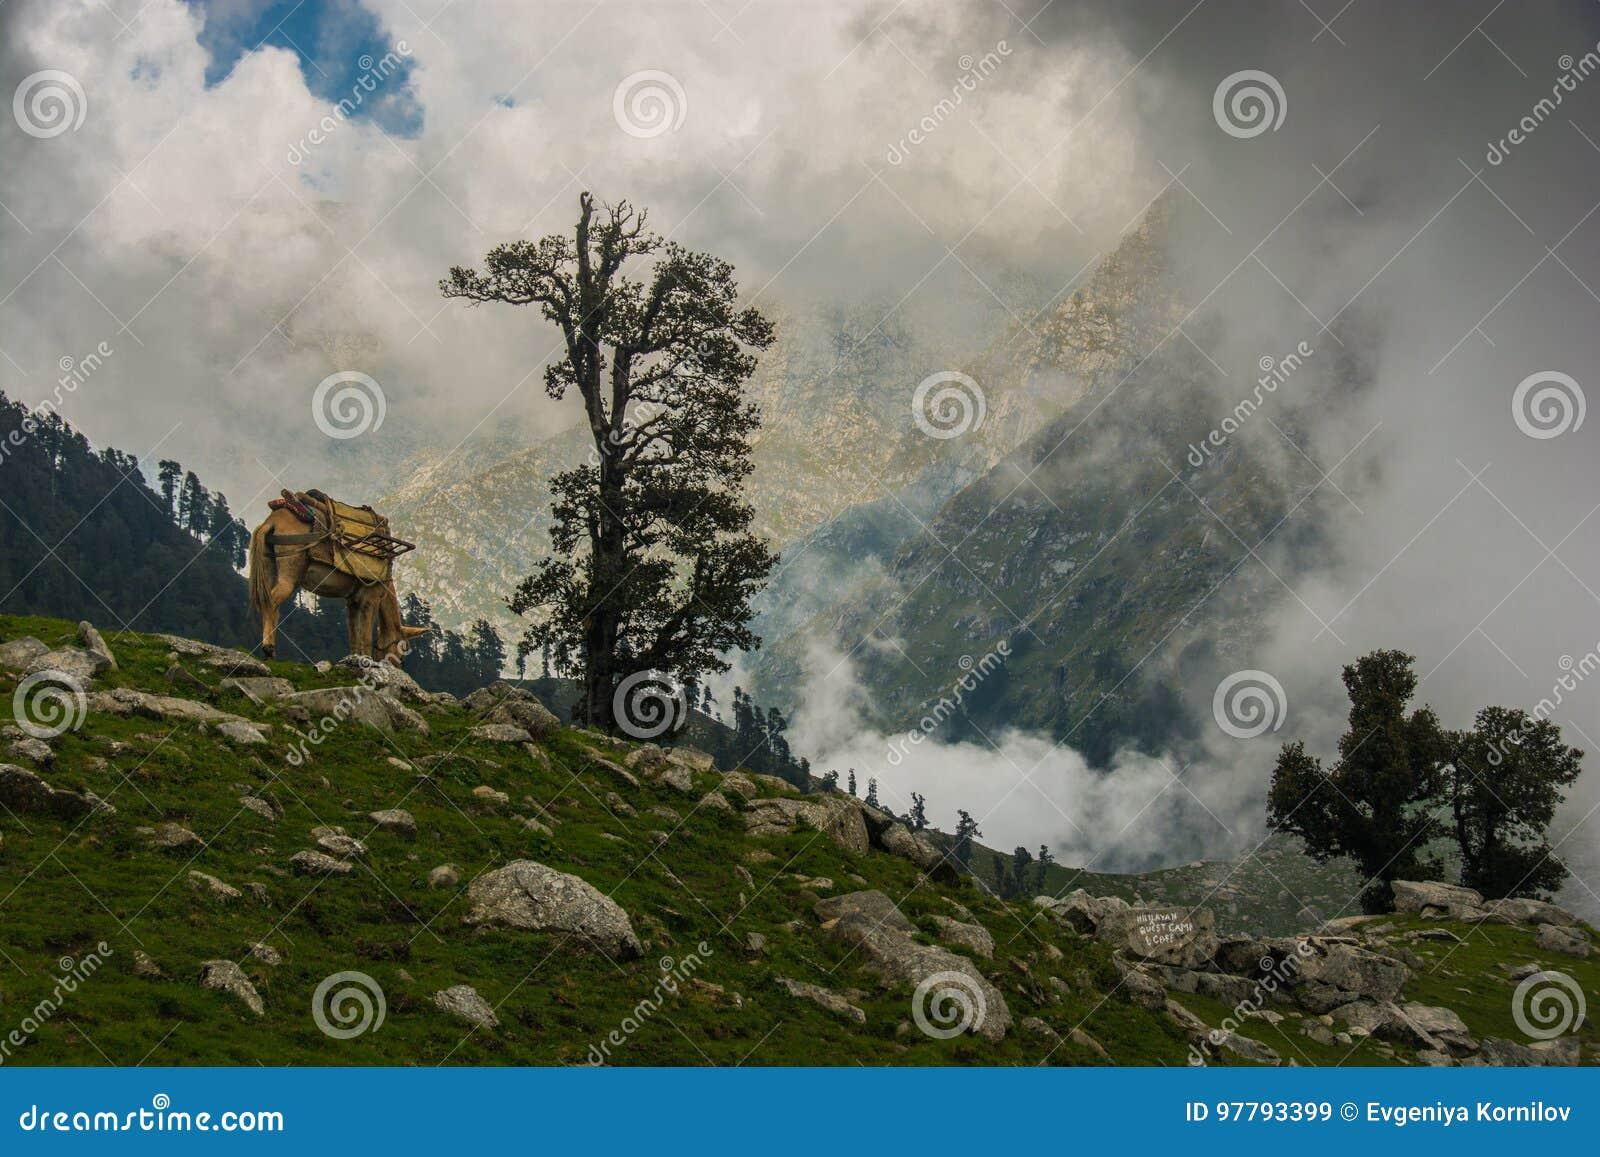 Laka i Himachal Pradesh